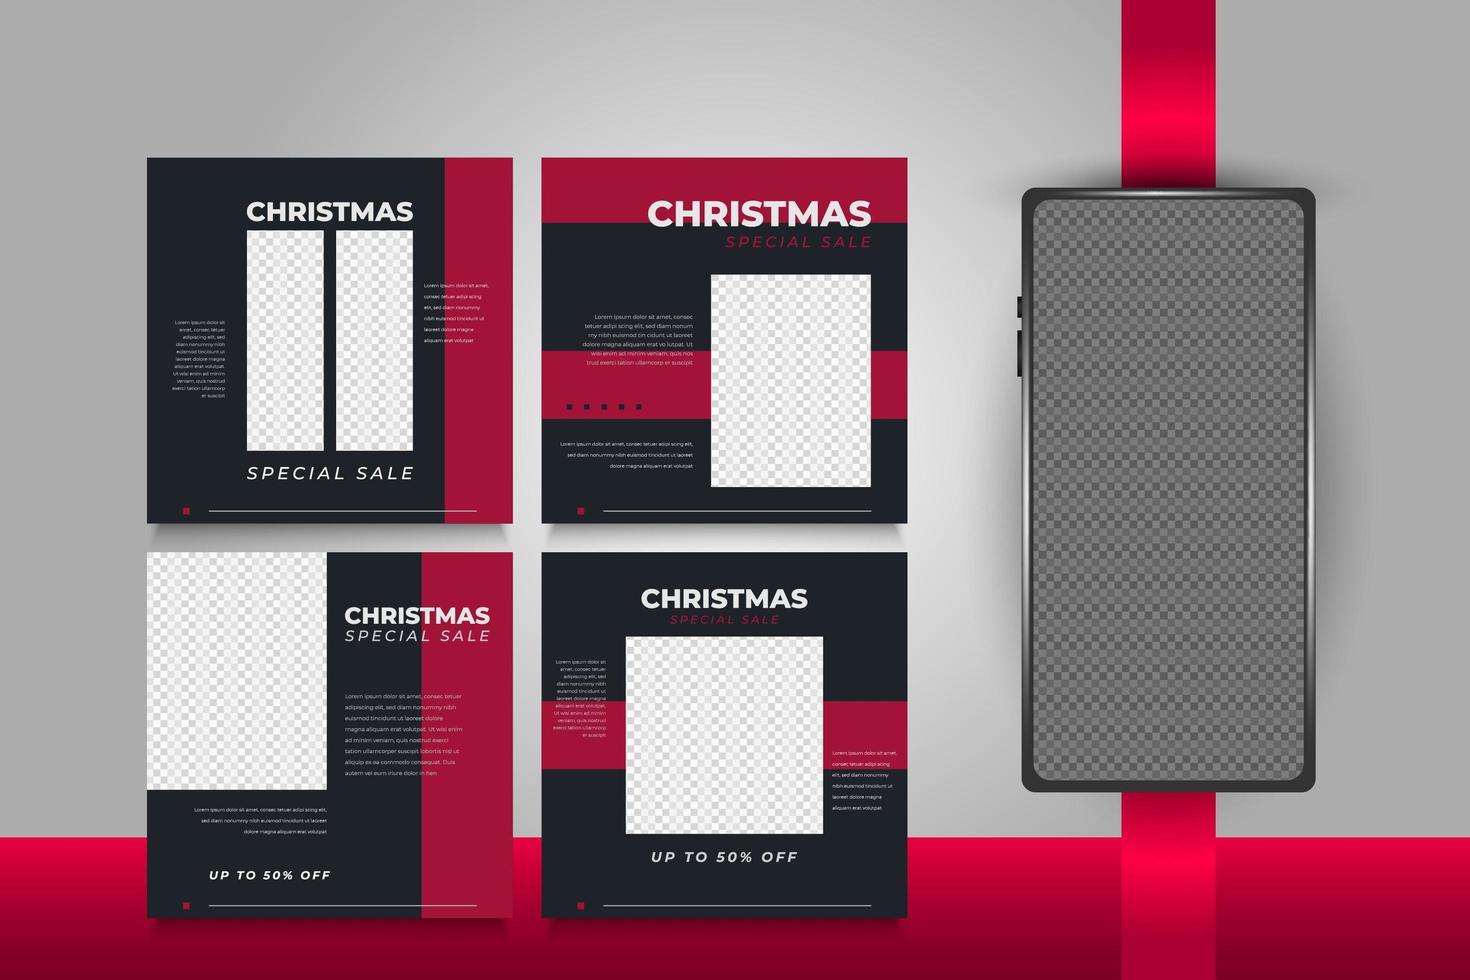 modèles de publication de médias sociaux de Noël pour la publicité ou la promotion vecteur